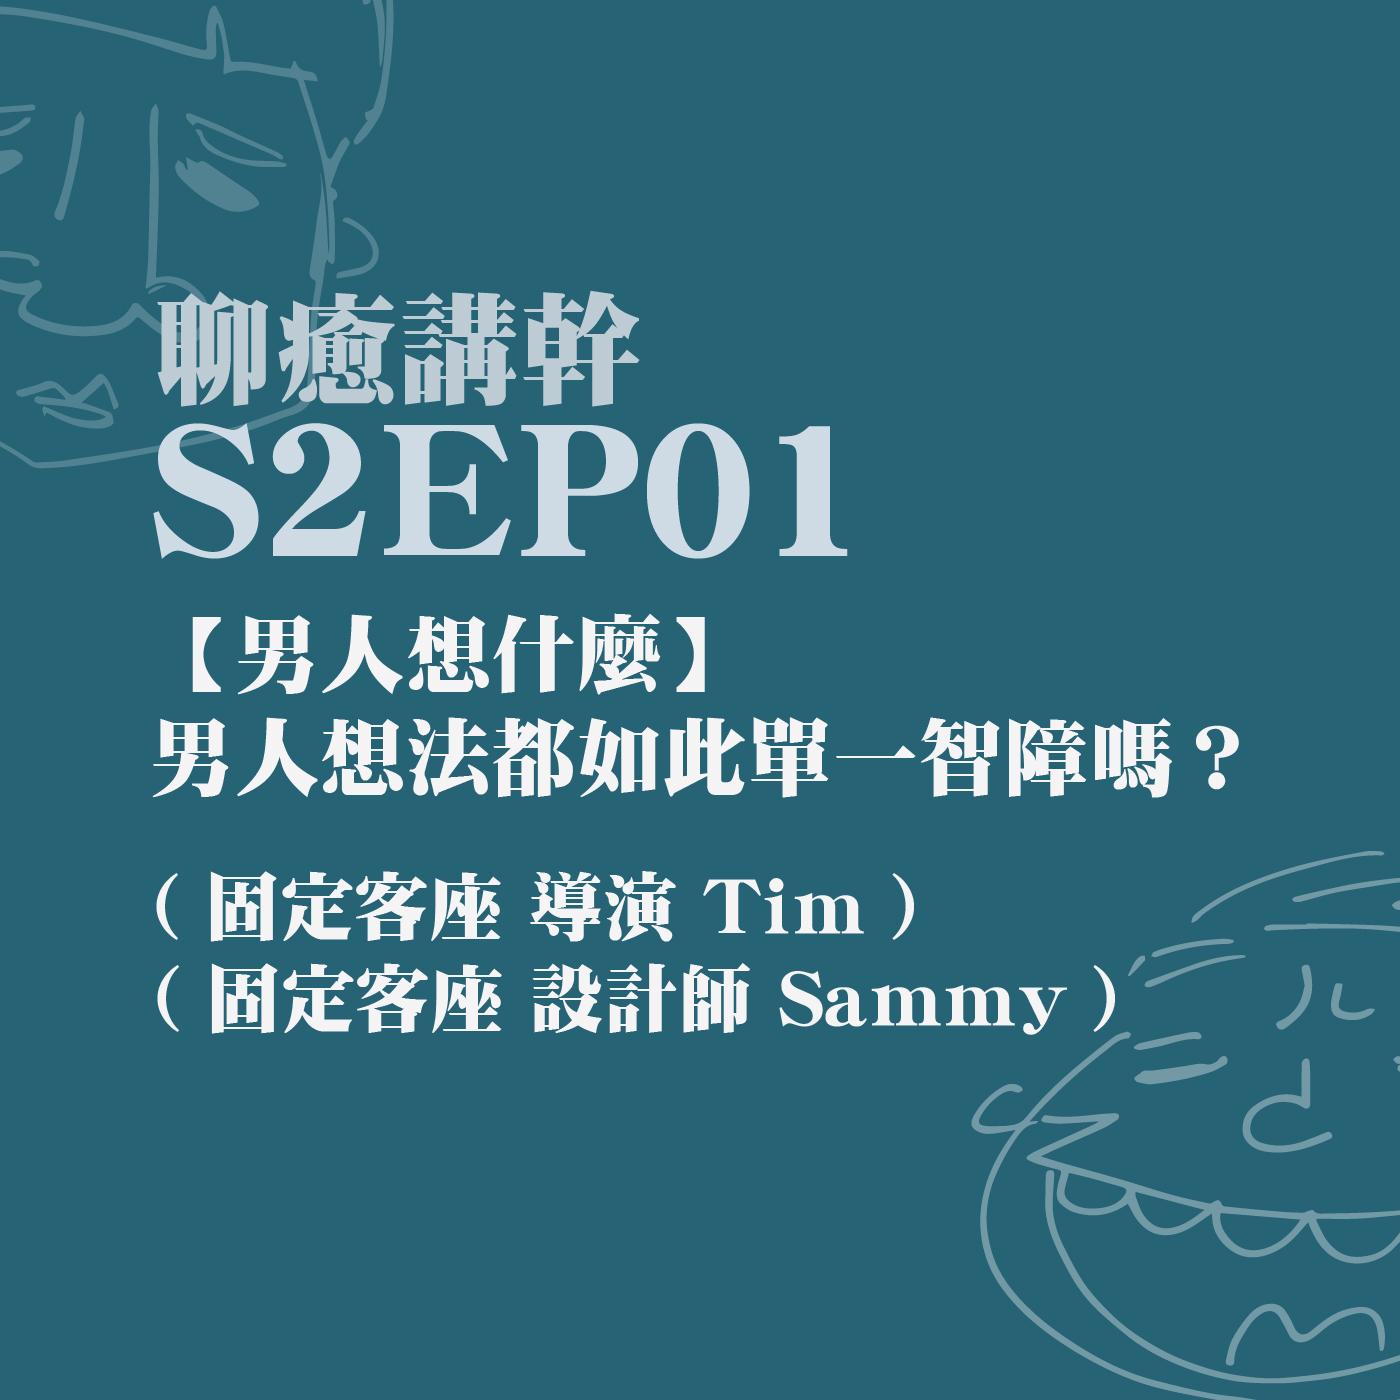 S2EP01 - 【男人想什麼】男人想法都如此單一智障嗎? feat. Tim & Sammy